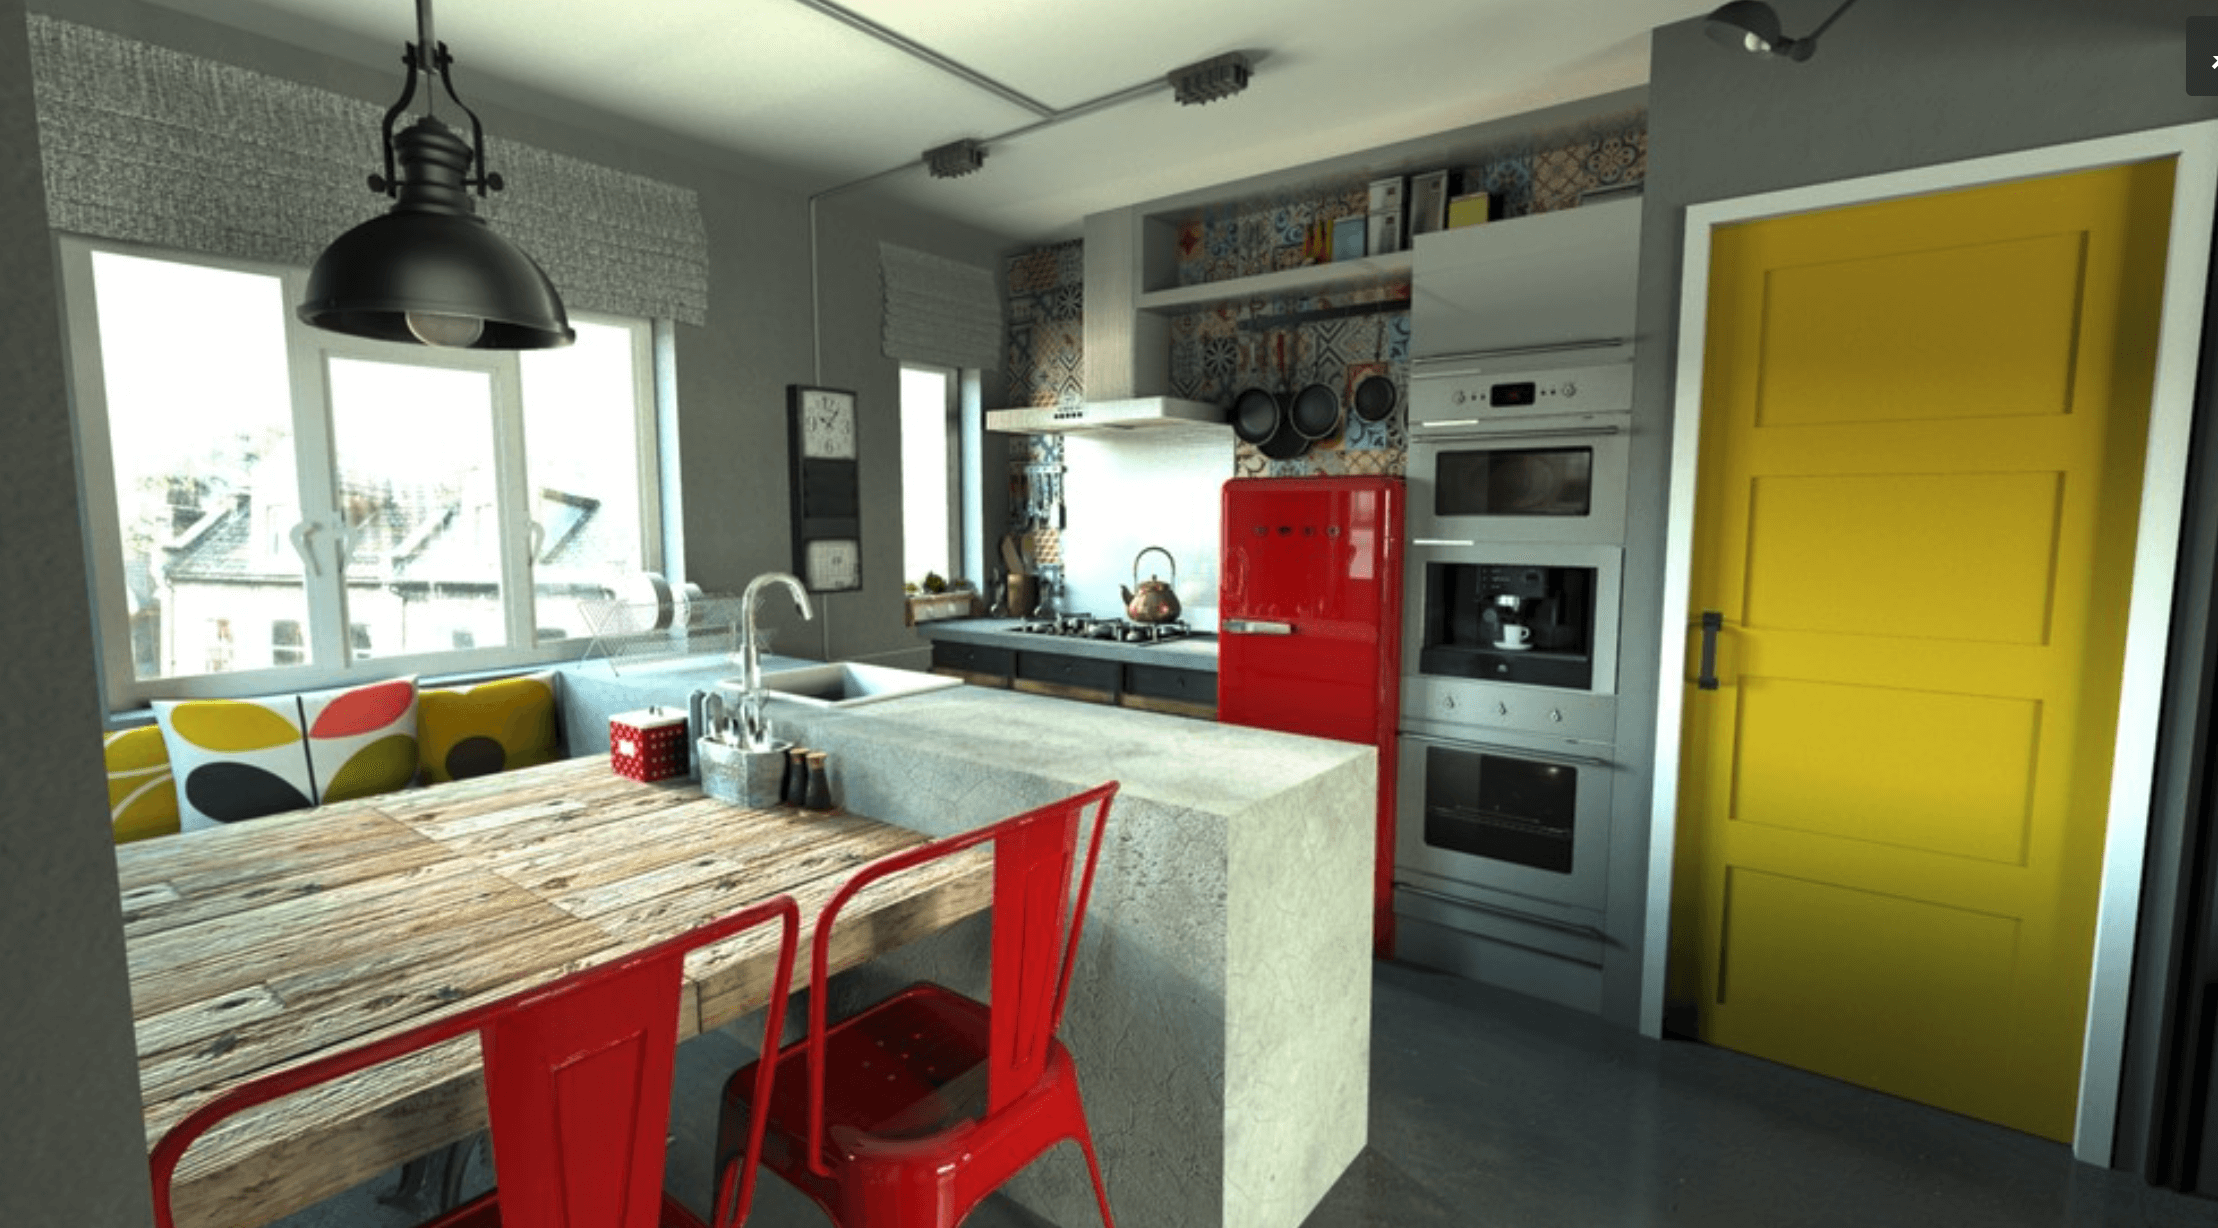 #AF991C Fiqui agora com 23 fotos de cozinhas decoradas selecionadas confira! 2218x1228 px Decoração Cozinha Idéias_938 Imagens